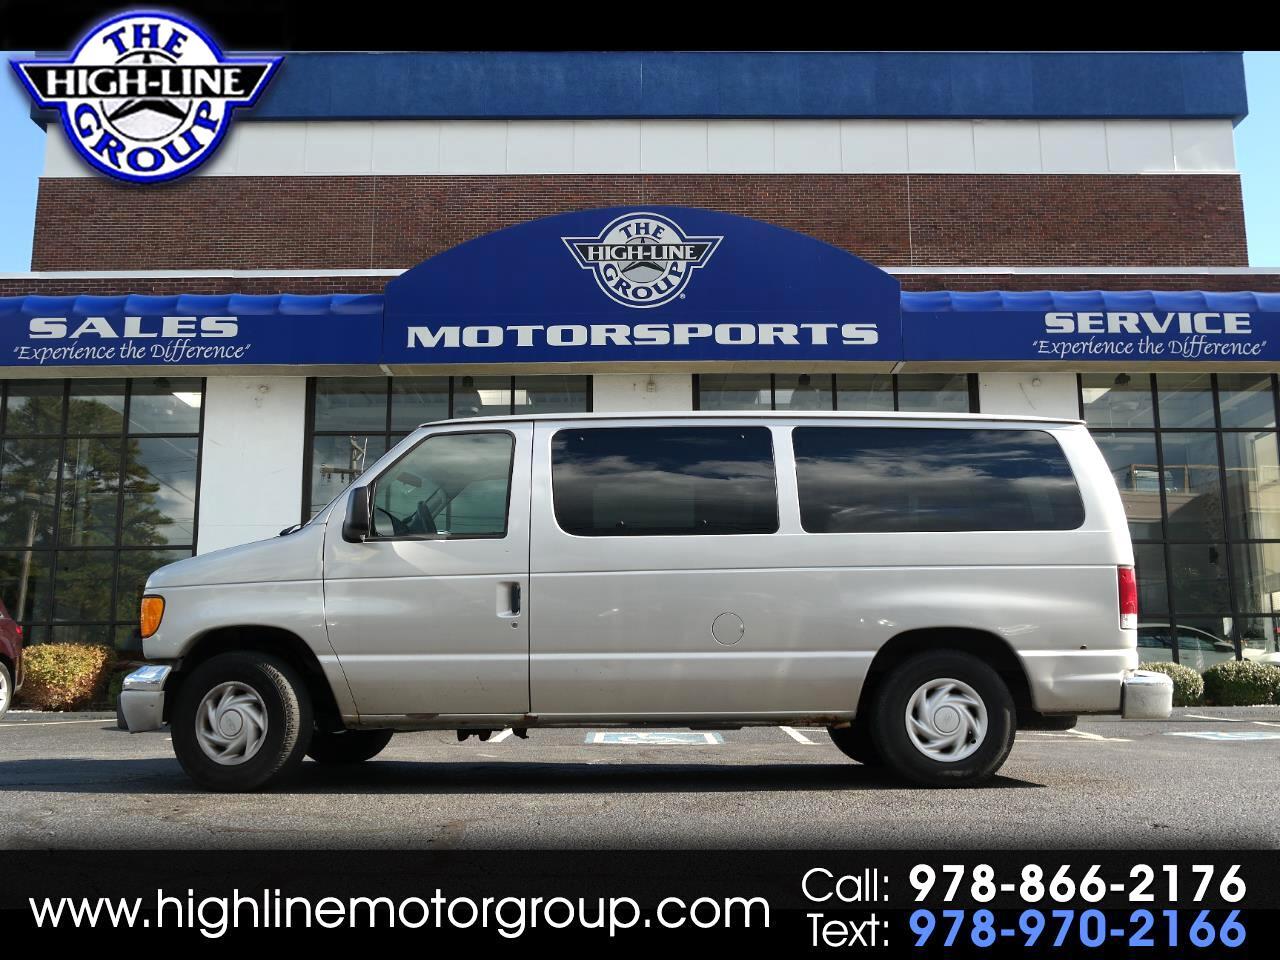 2003 Ford Econoline Wagon E-150 Chateau